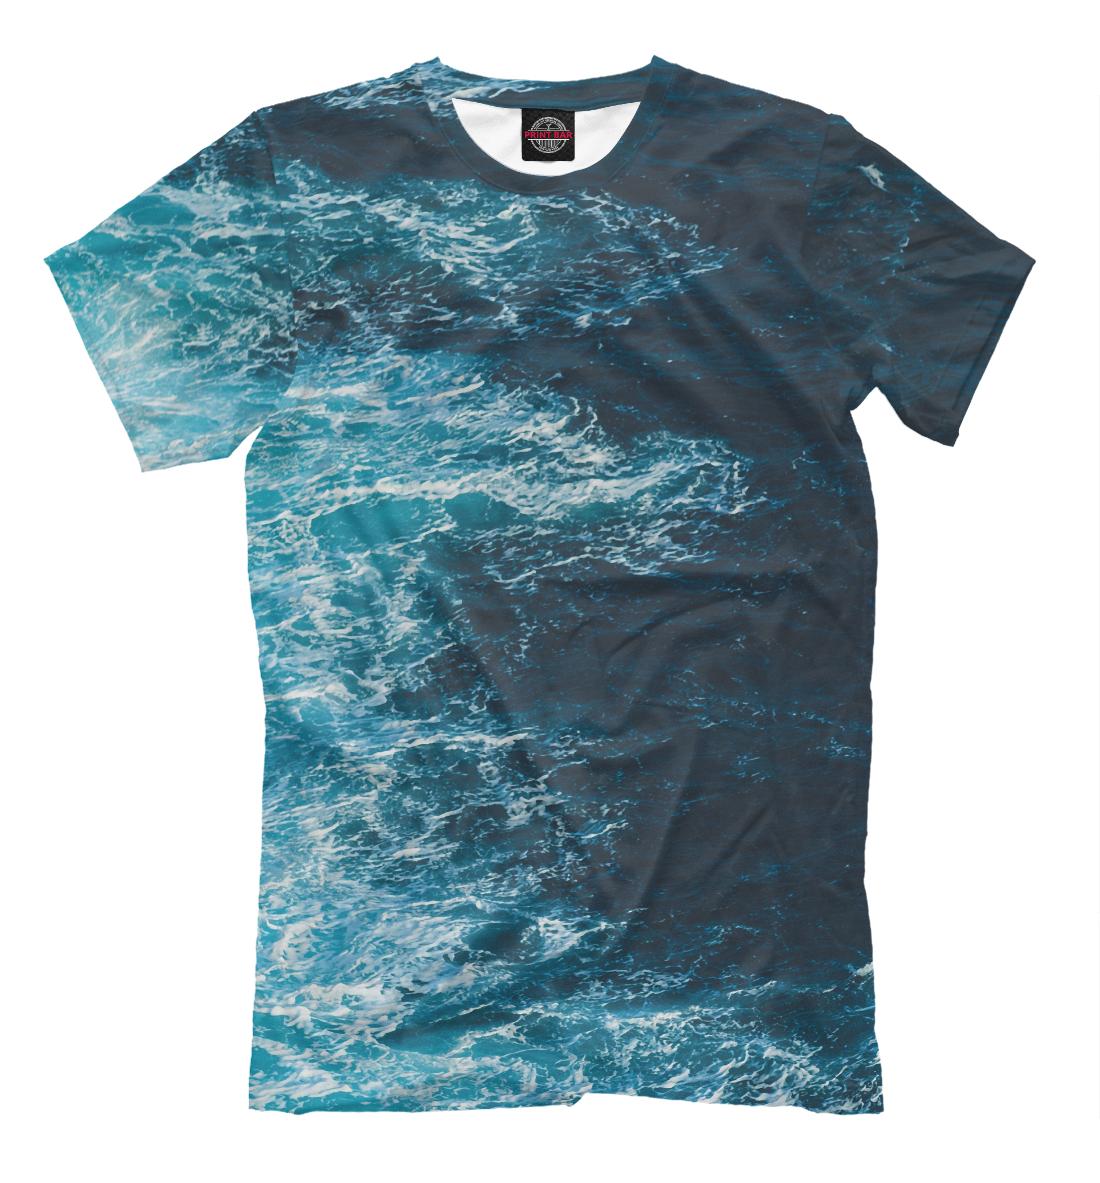 сибирский футболки с фото моря минкультуры поддержке